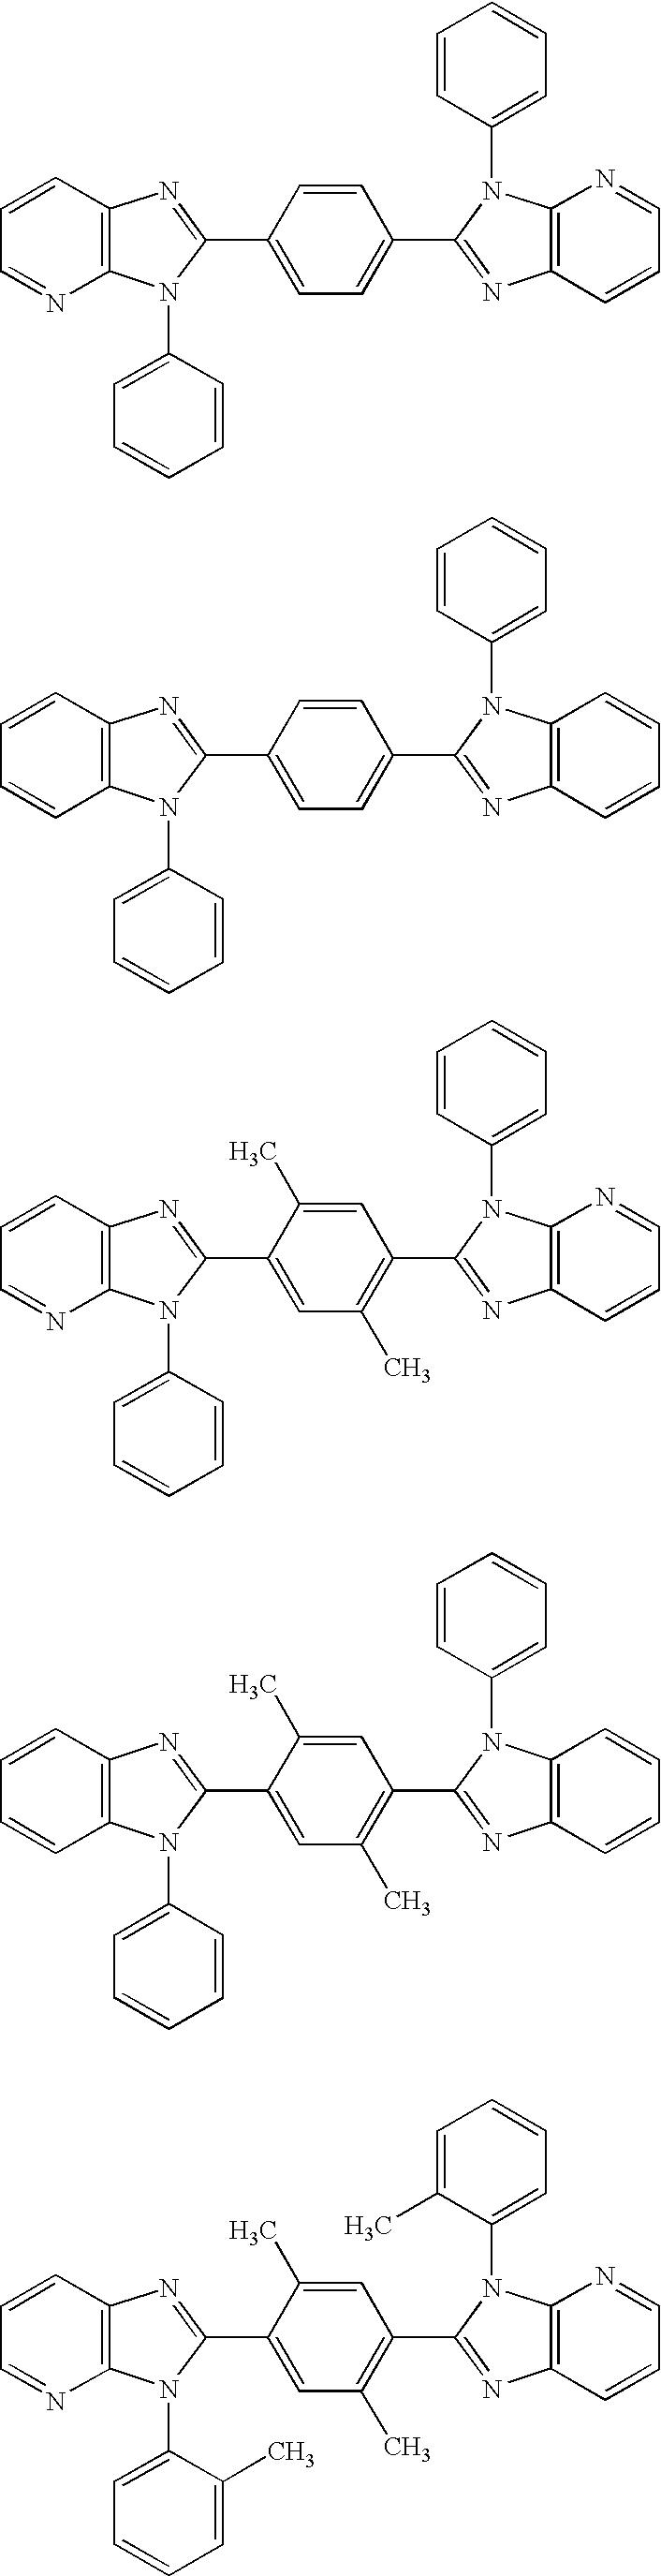 Figure US20070069638A1-20070329-C00023